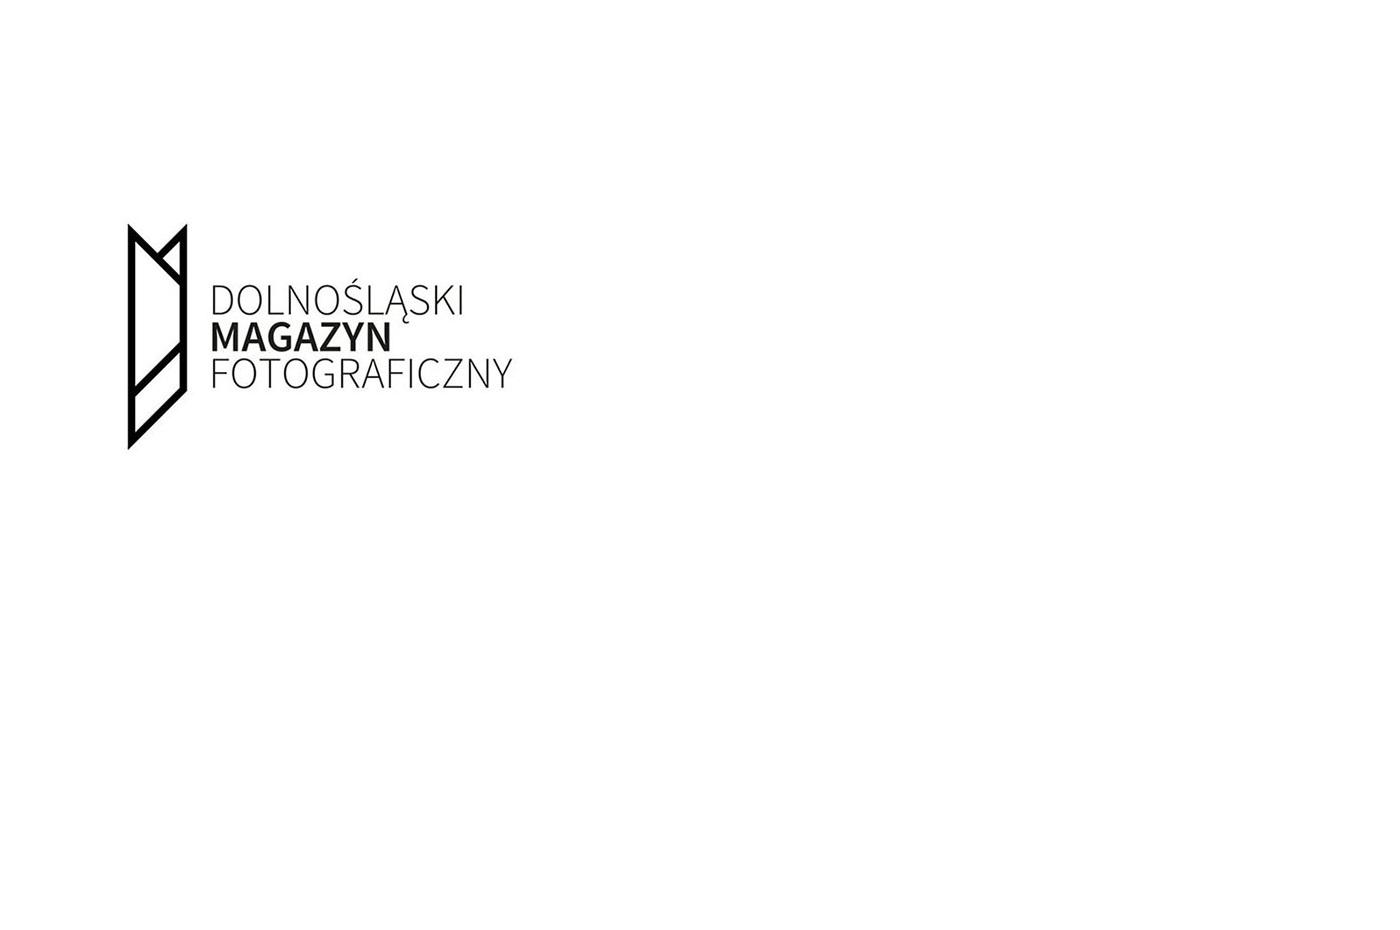 Dolnośląski Magazyn Fotograficzny patronem 4everMoments